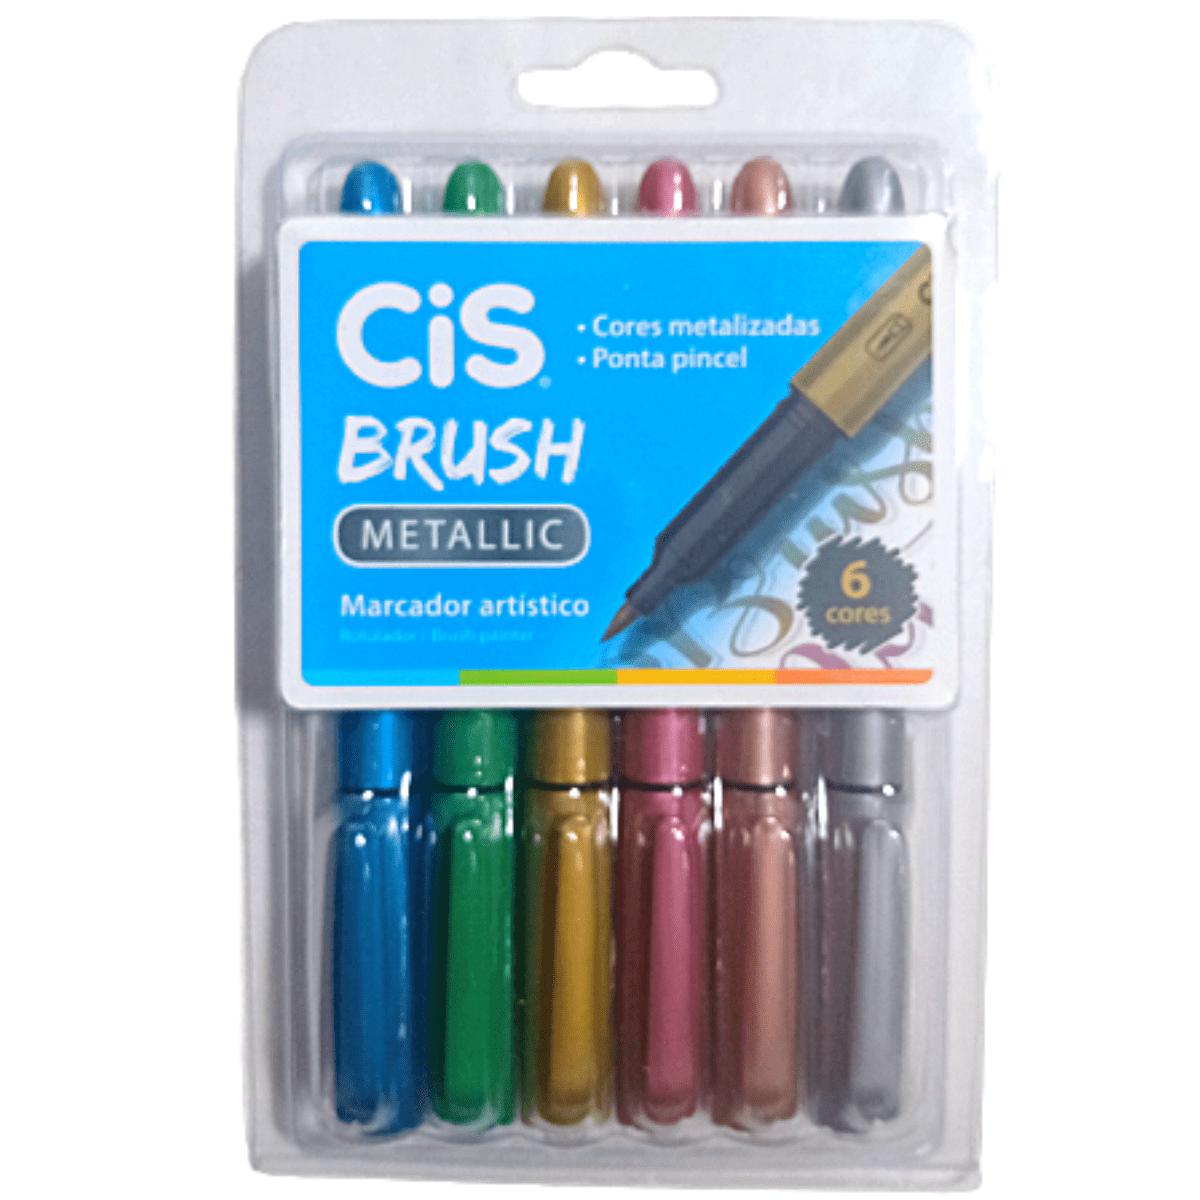 Marcador Artístico CIS Brush Metallic - CIS